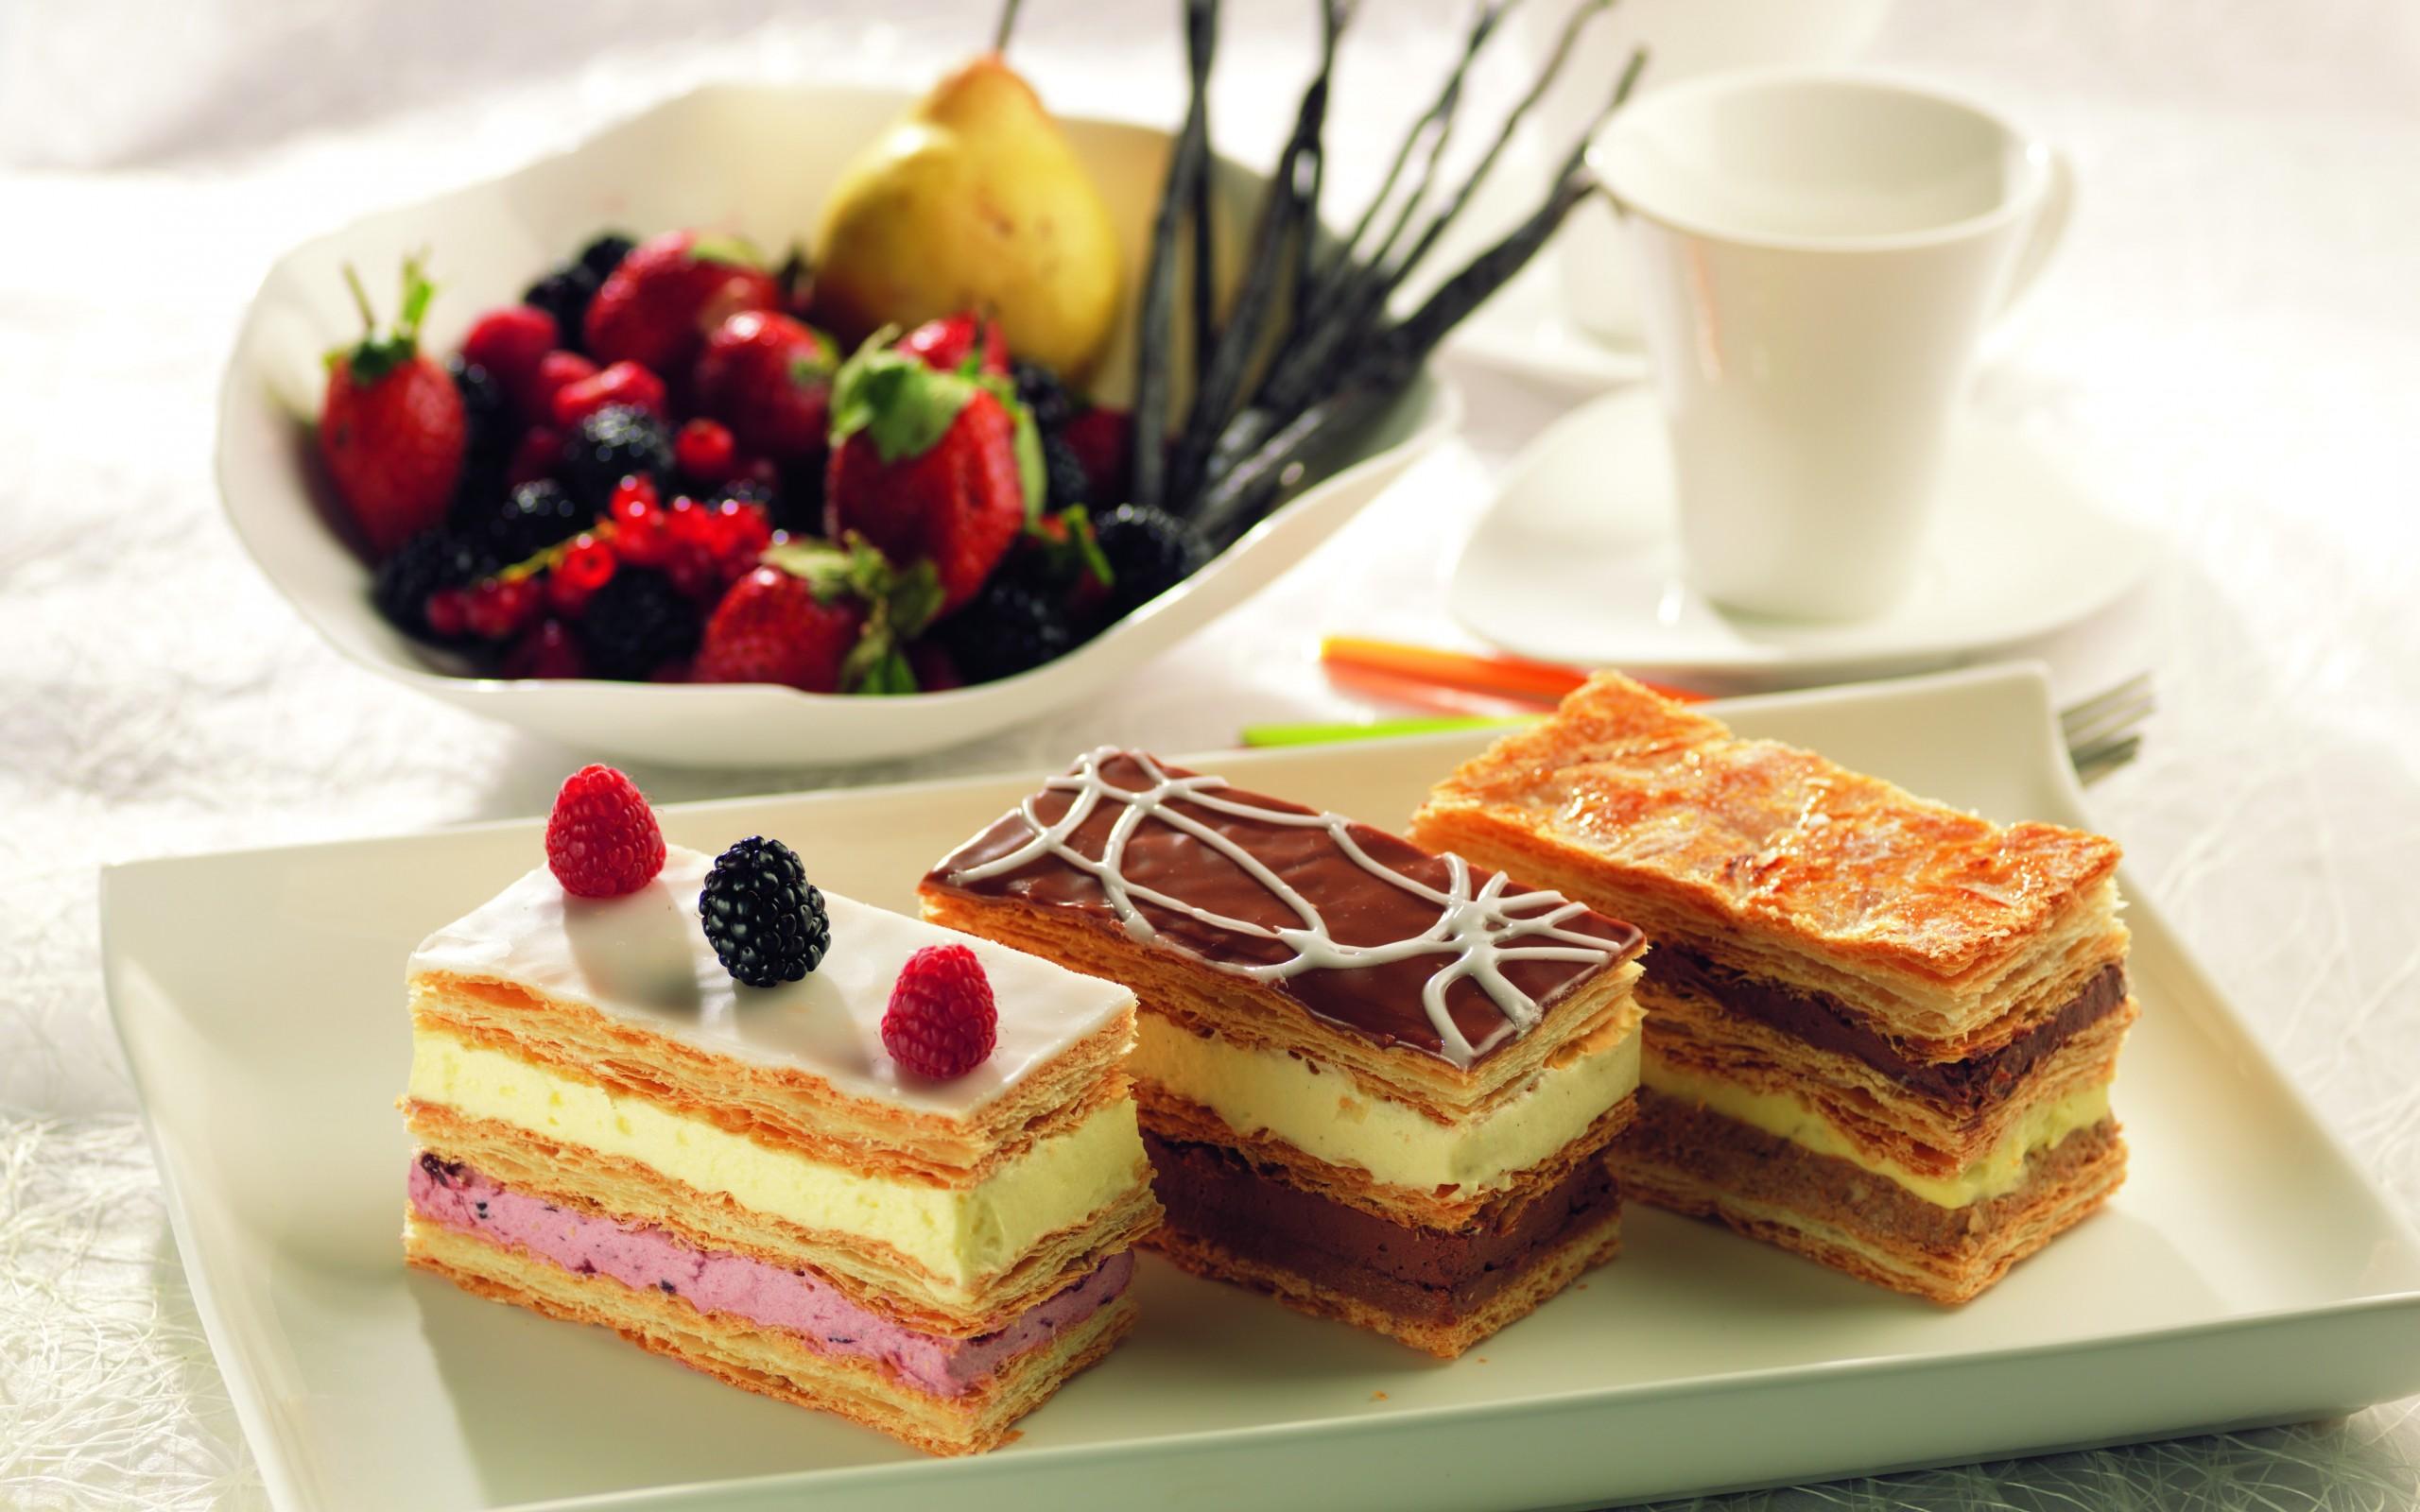 Quale dolce con la crema preferisci?